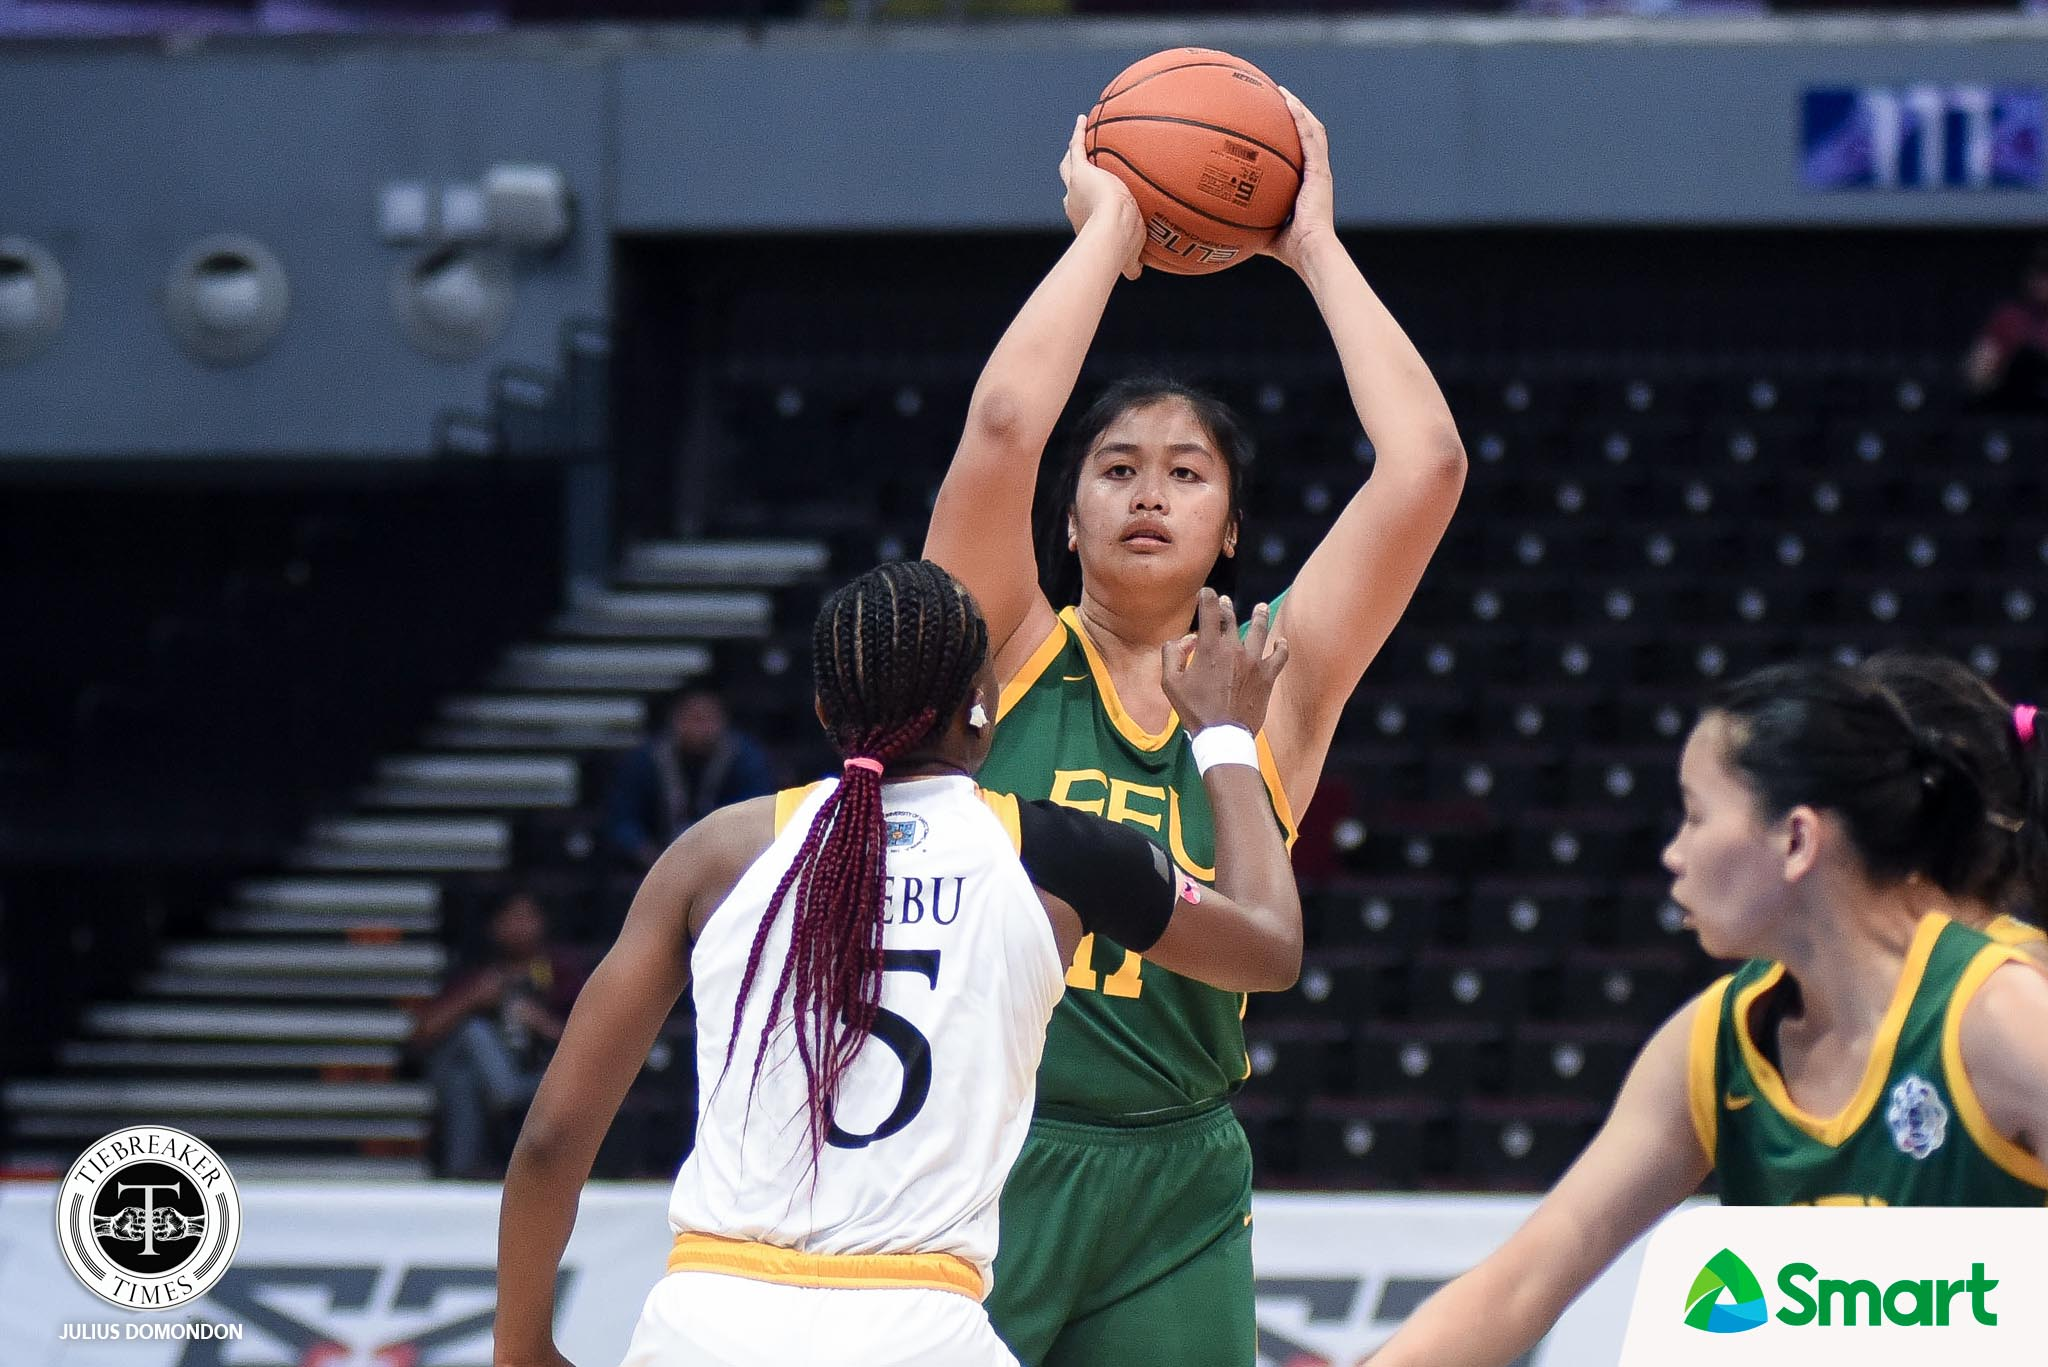 UAAP82-WBB-12TH-PHOTO-FEU-CLARE-CASTRO Animam, Bernardino, Castro, Guytingco continue call for pro women's league Basketball News  - philippine sports news